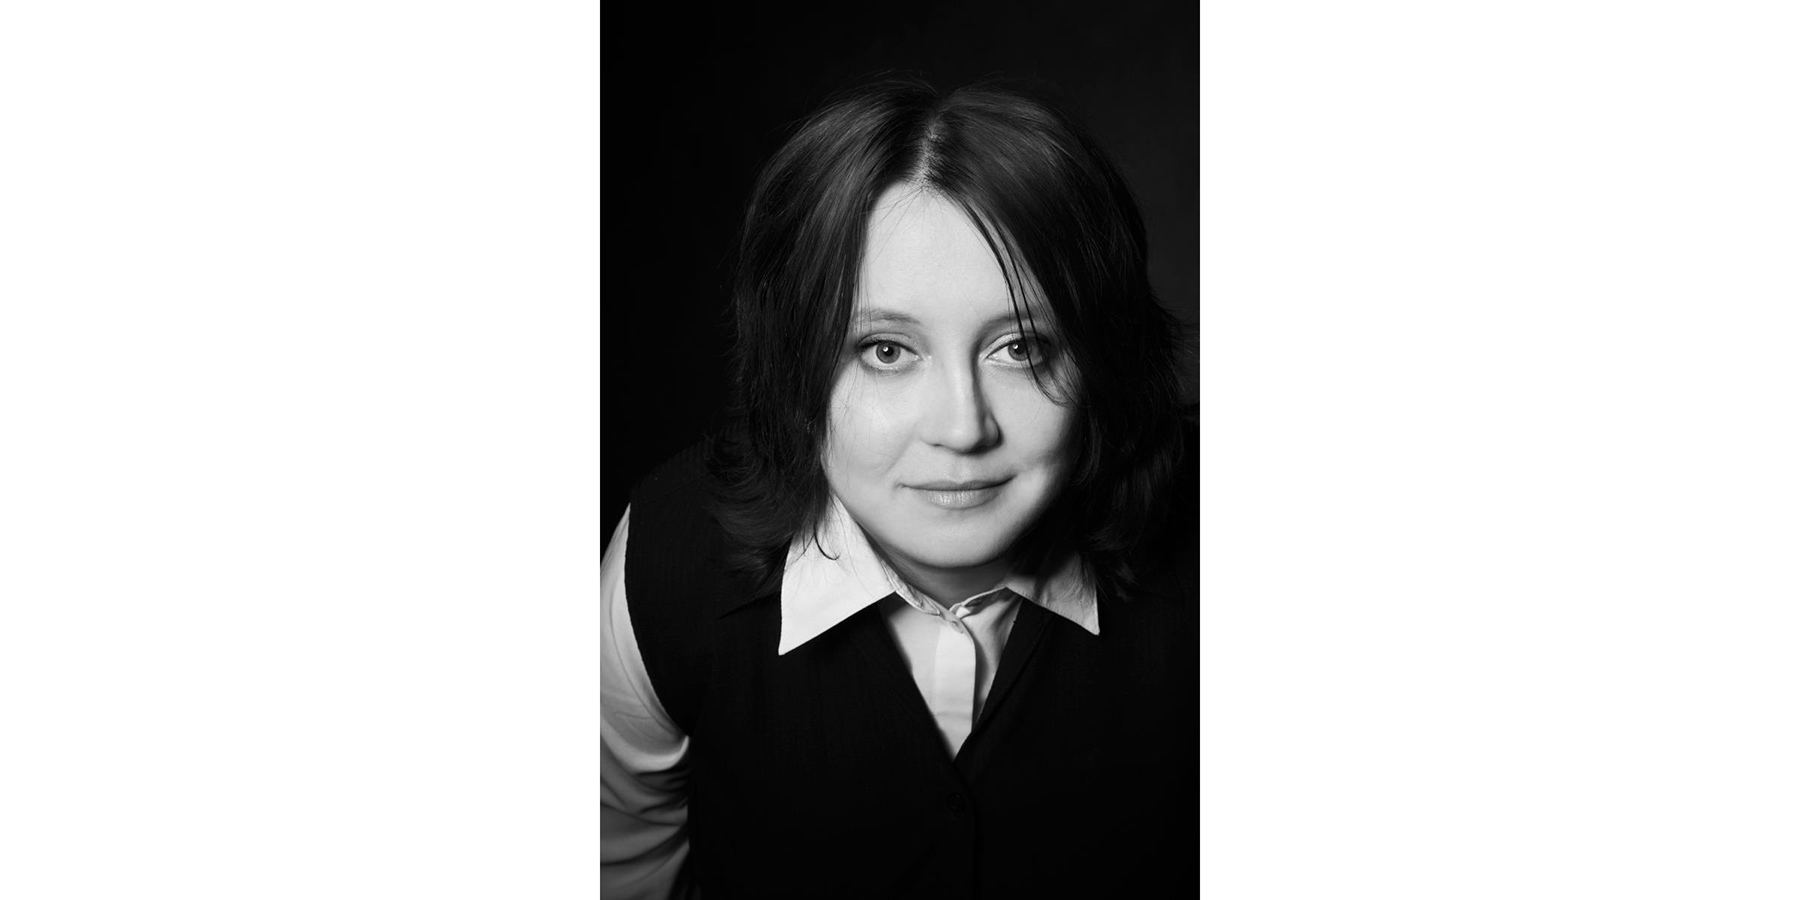 Наталия Лавренова, фото из личного архива